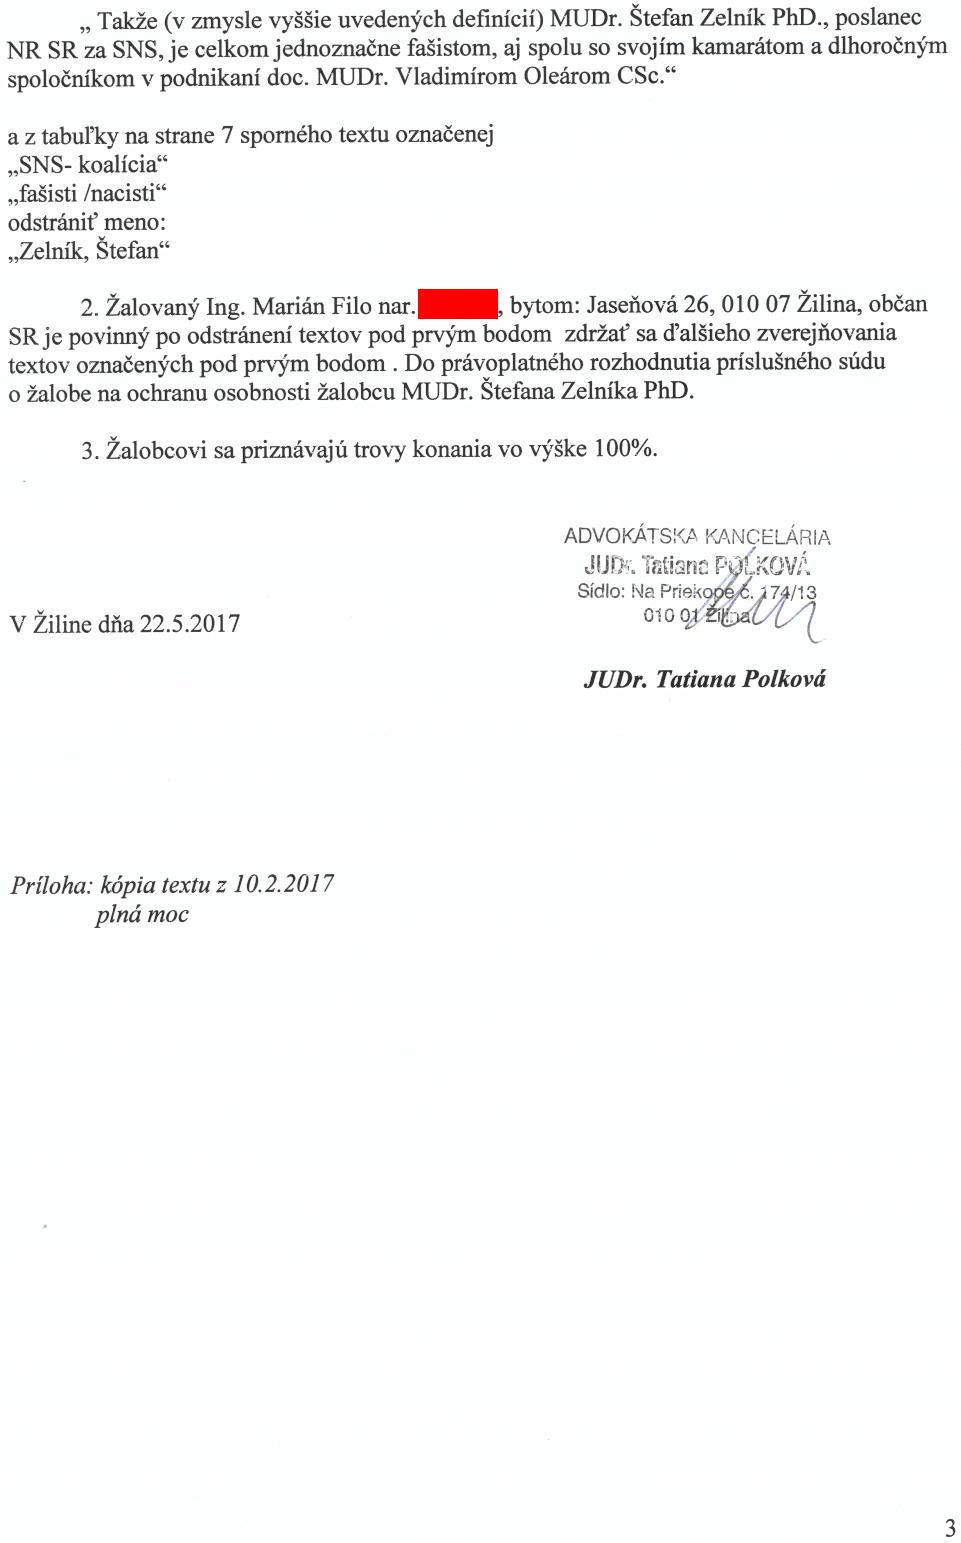 Strana 3 Návrhu